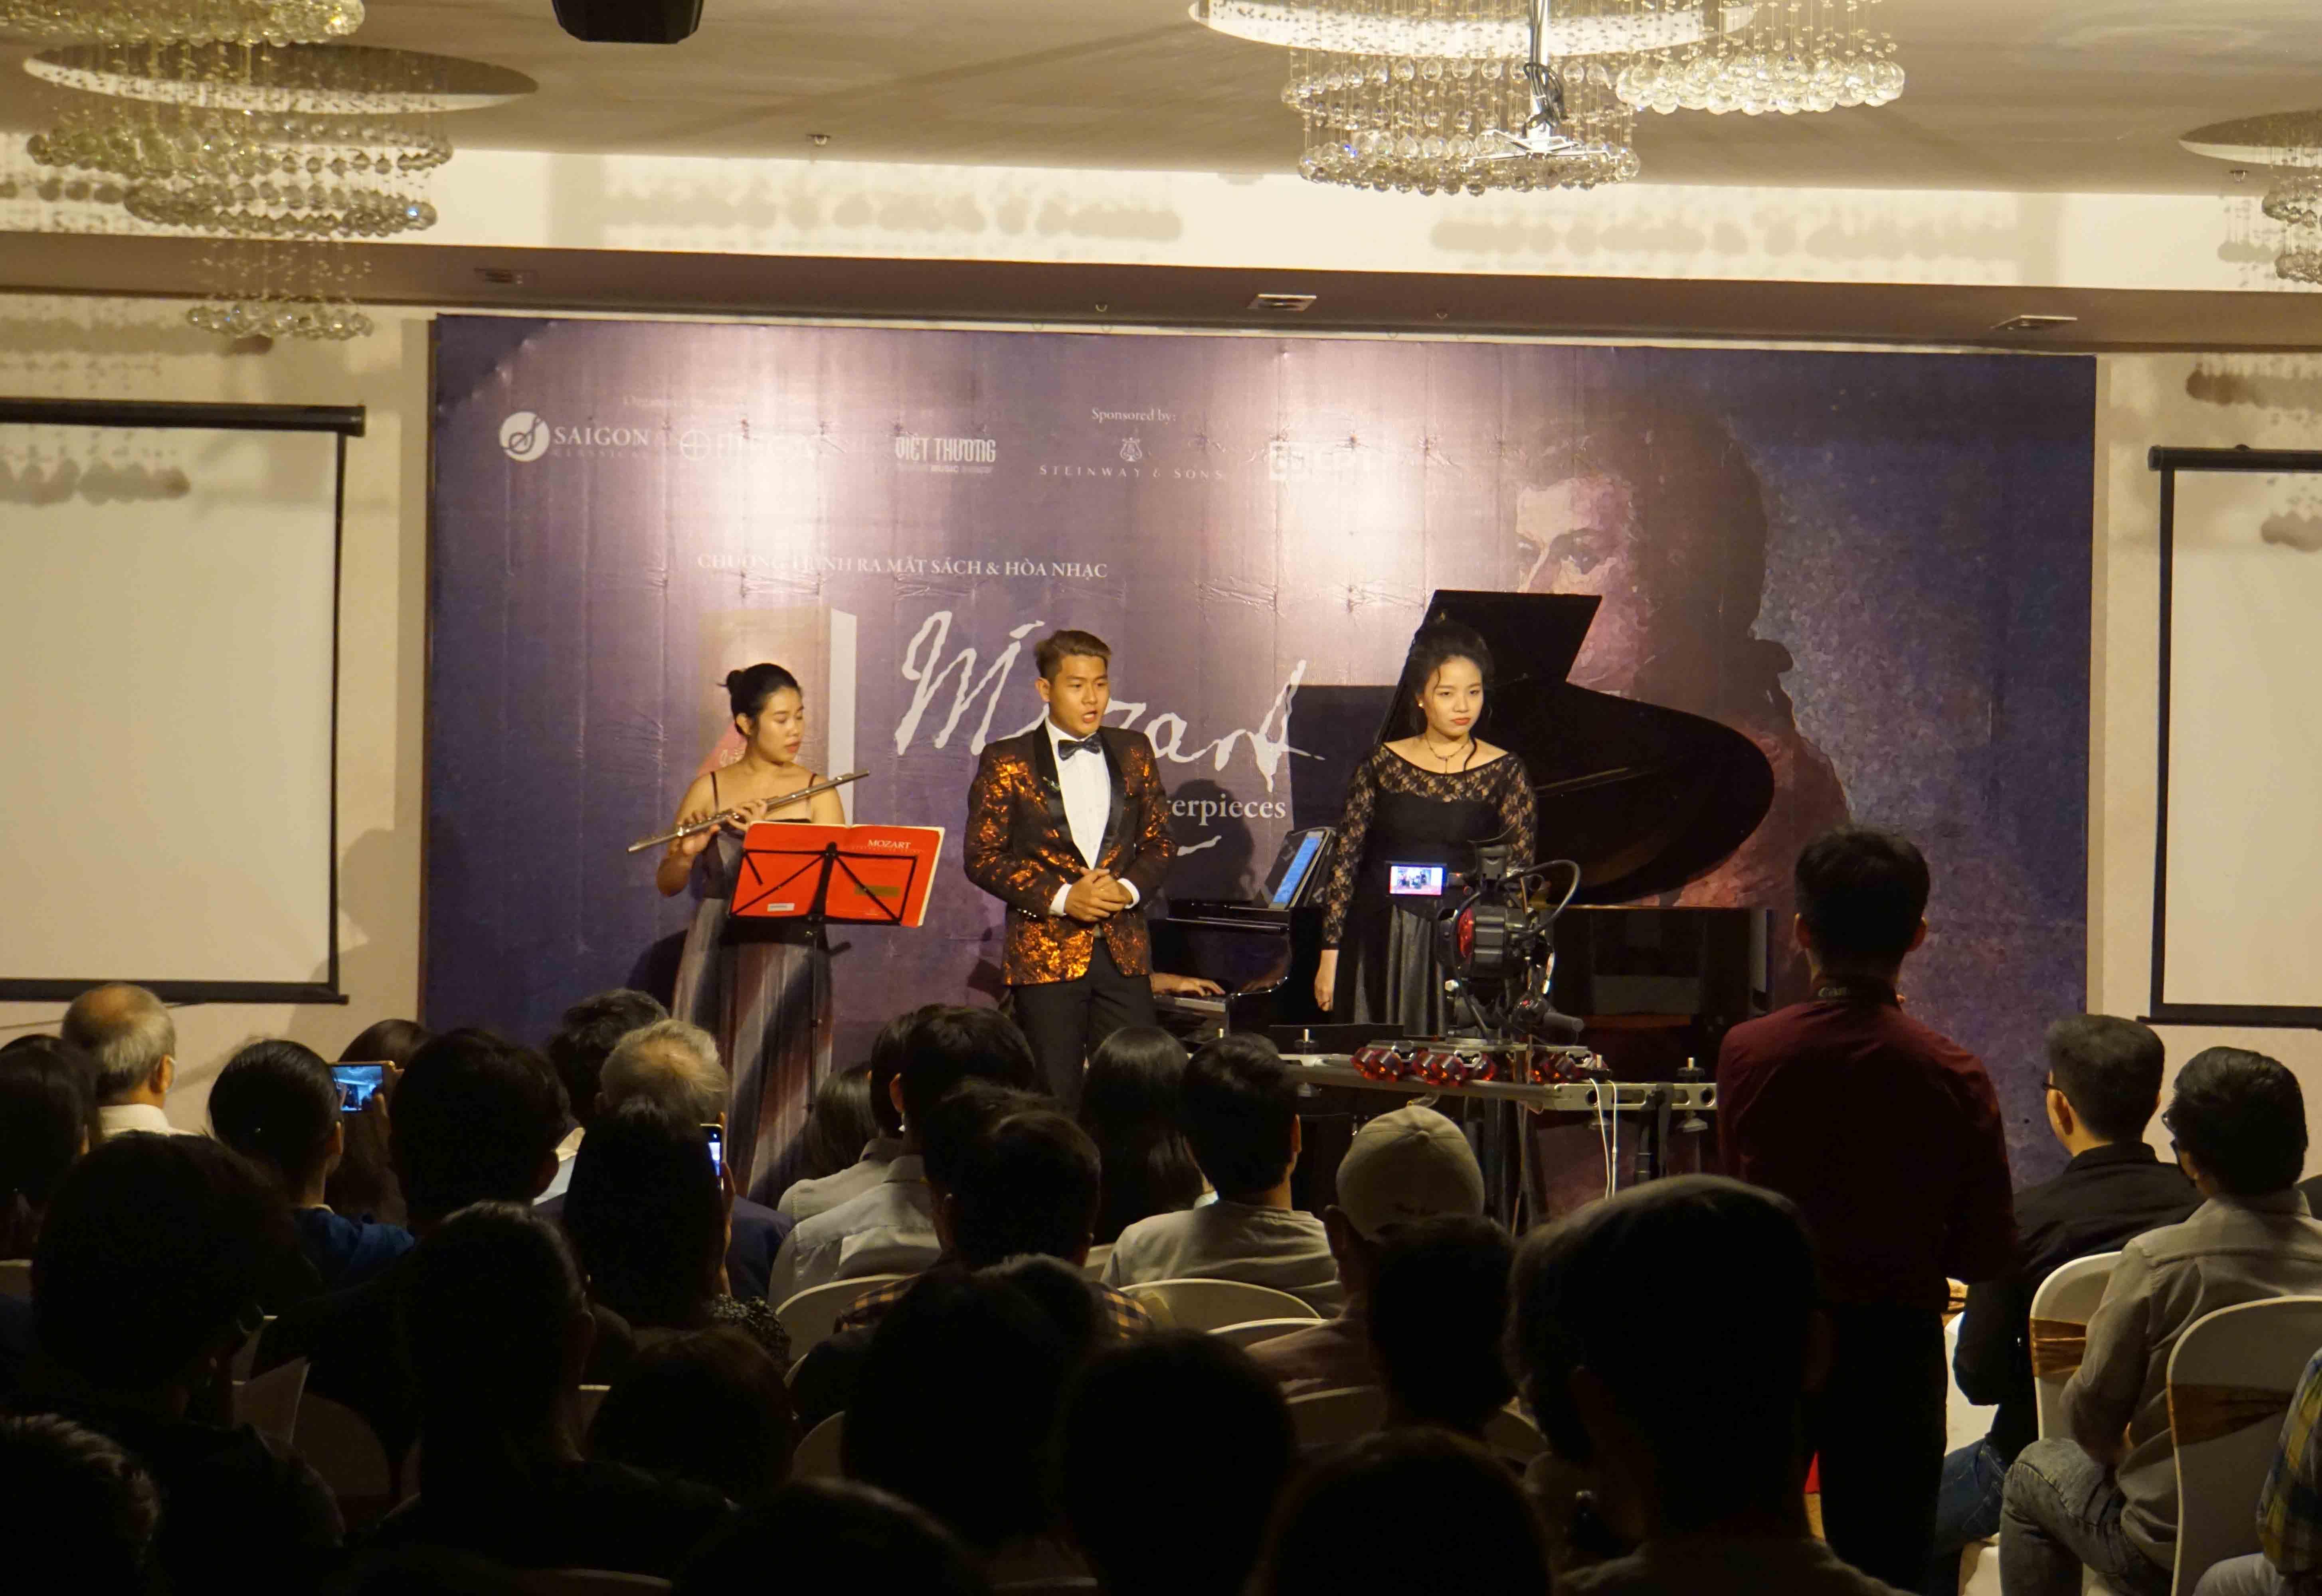 """Chương trình hòa nhạc với chủ đề """"Mozart: Masterpieces"""" thu hút rất đông bạn trẻ tham dự"""